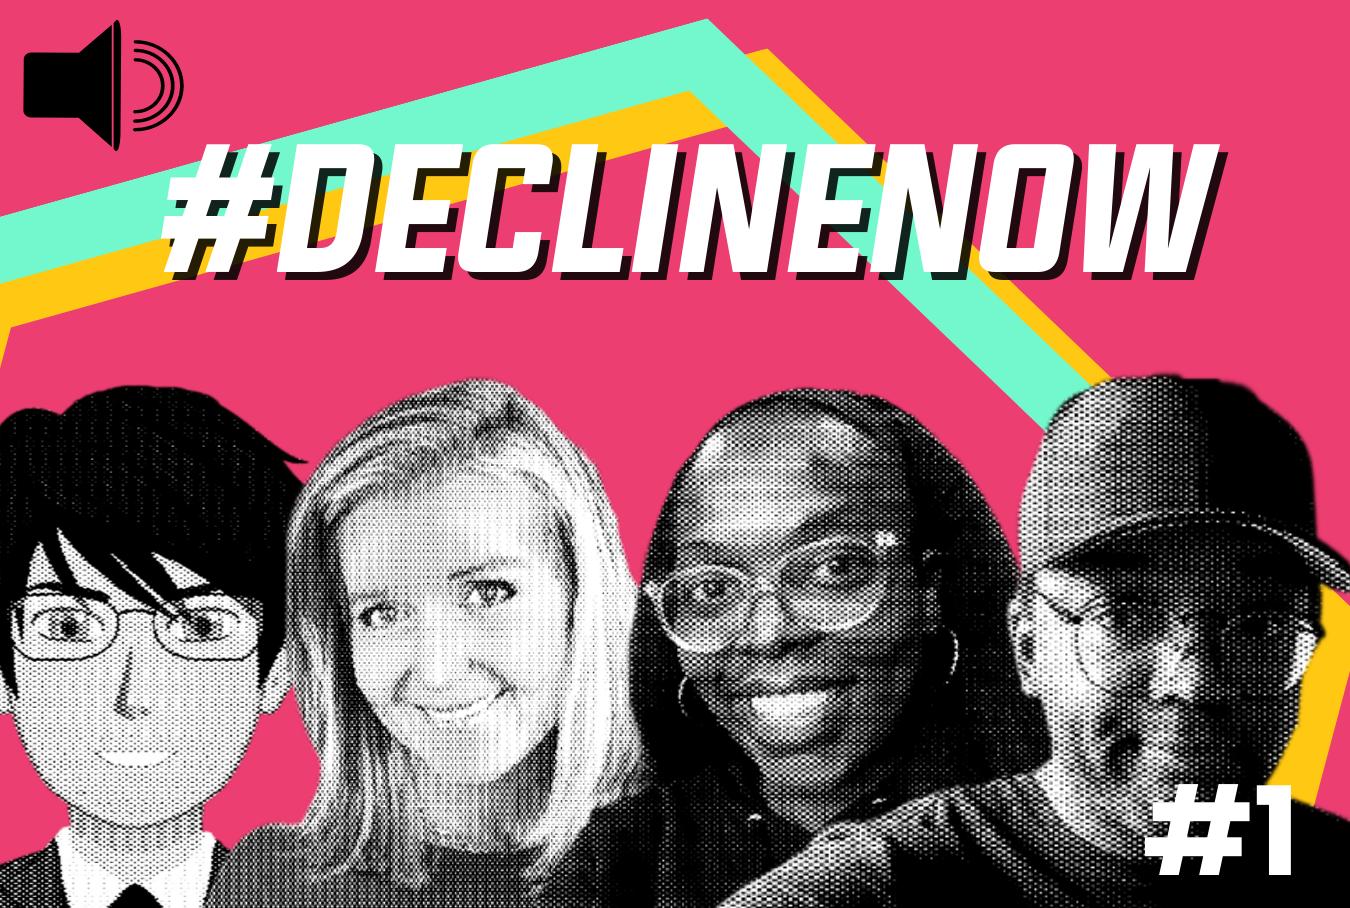 #DeclineNow